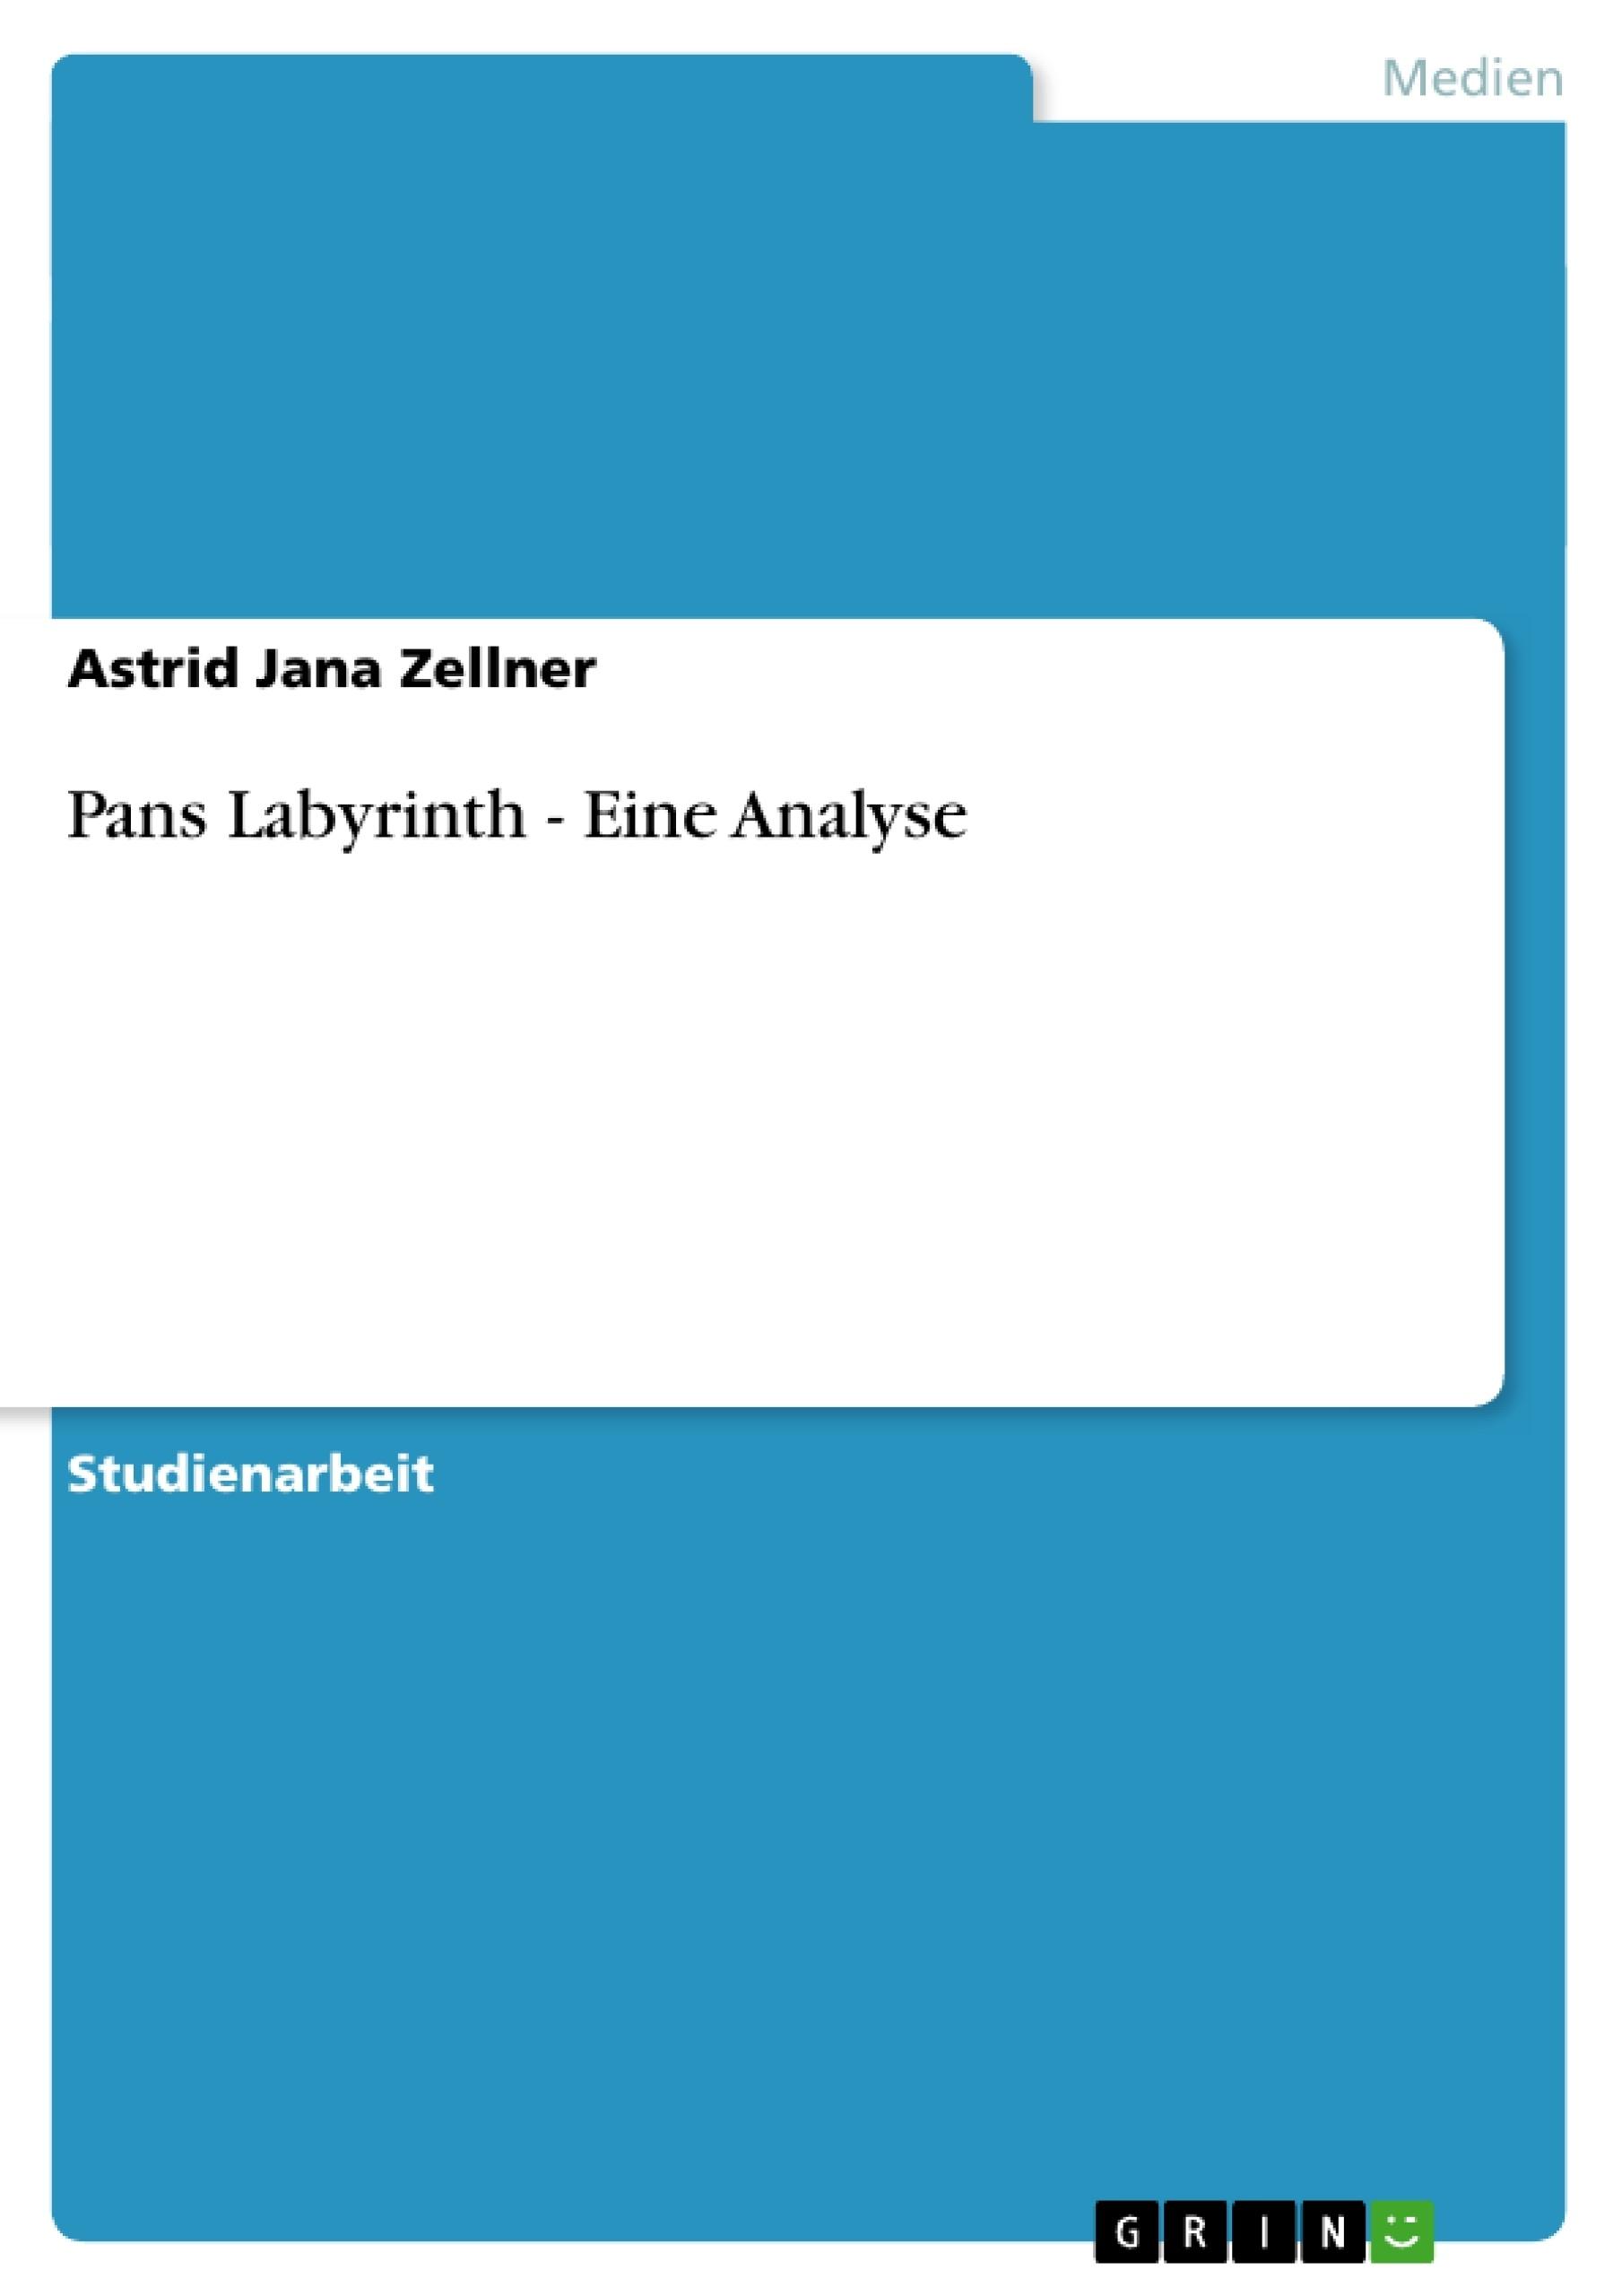 Titel: Pans Labyrinth - Eine Analyse